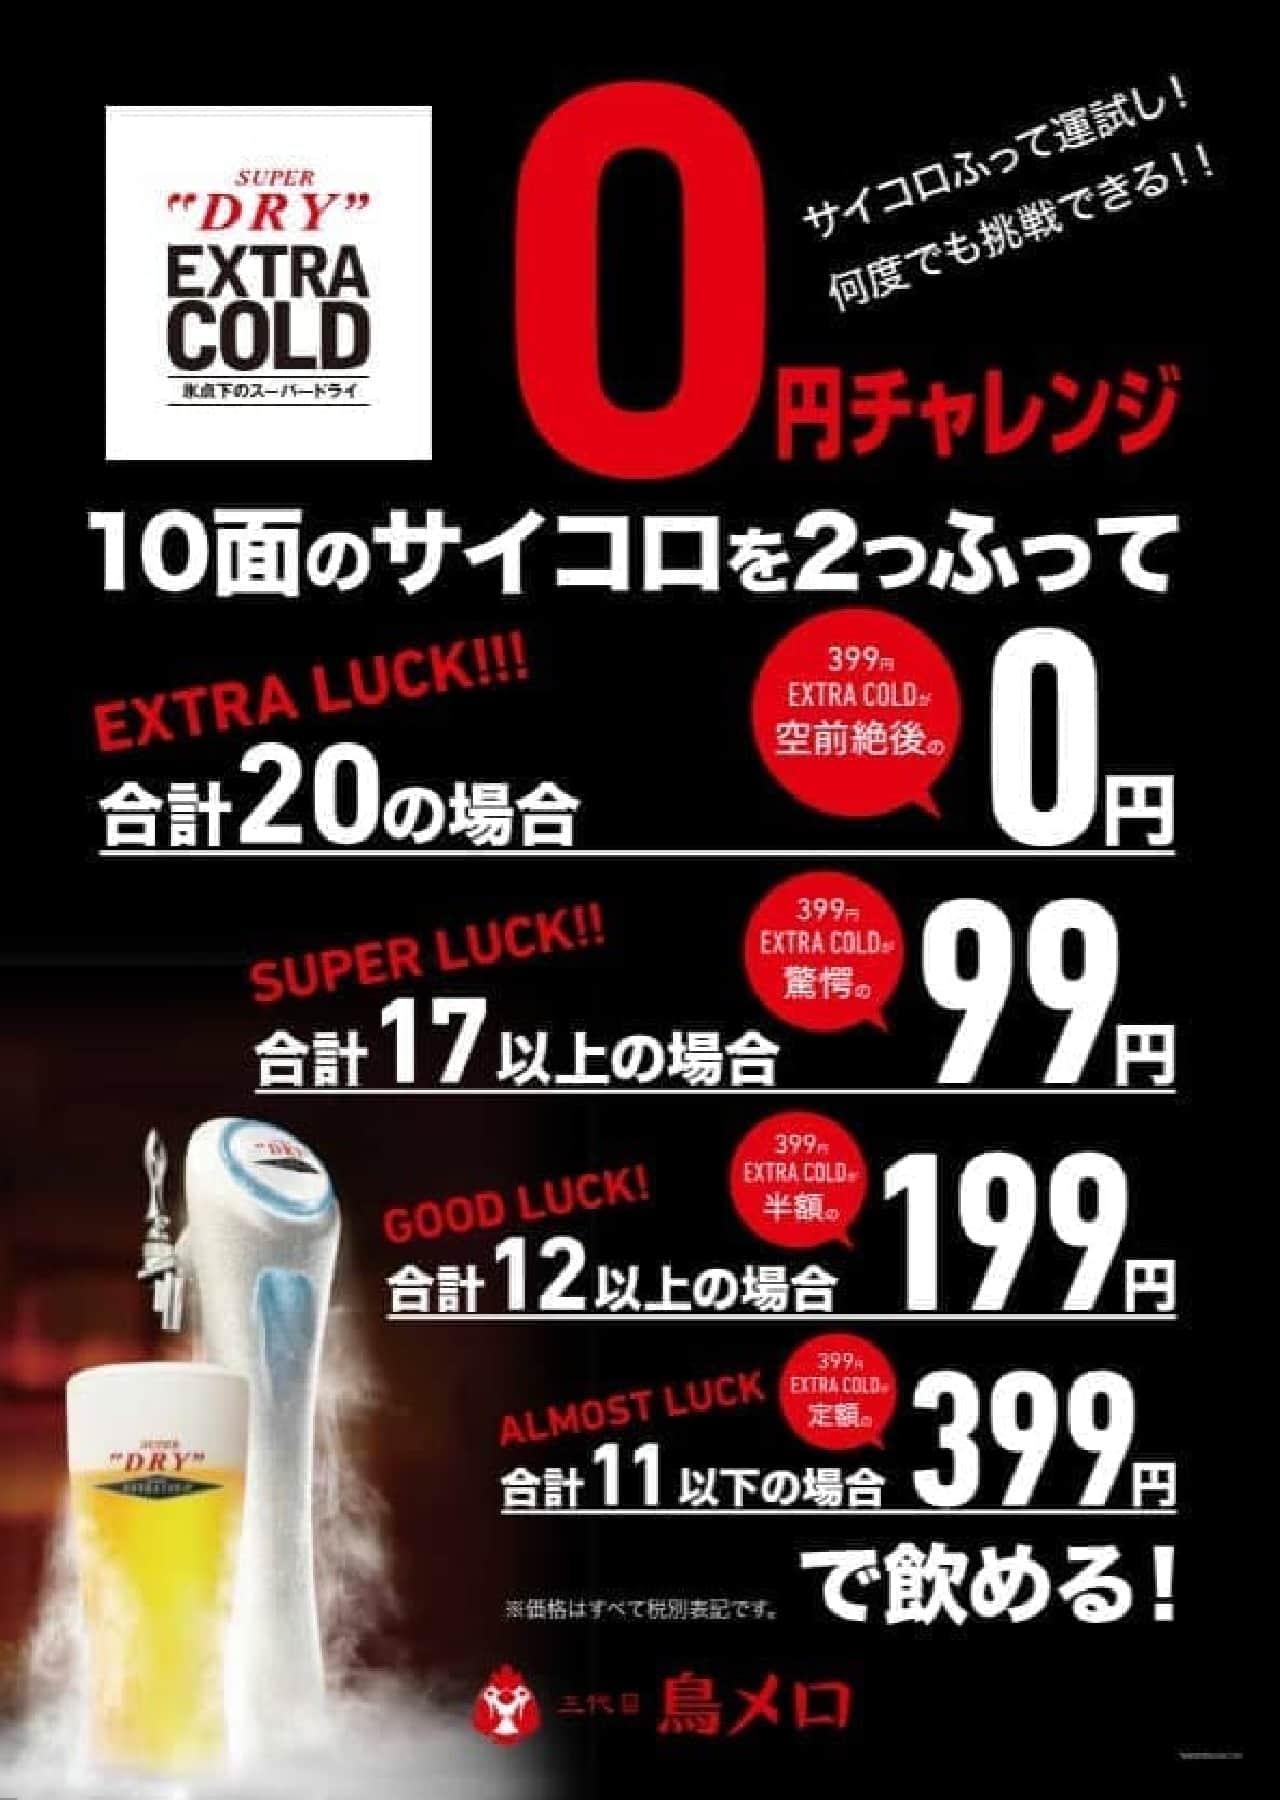 スーパードライエクストラコールドを最安0円で提供するサイコロチャレンジイベント